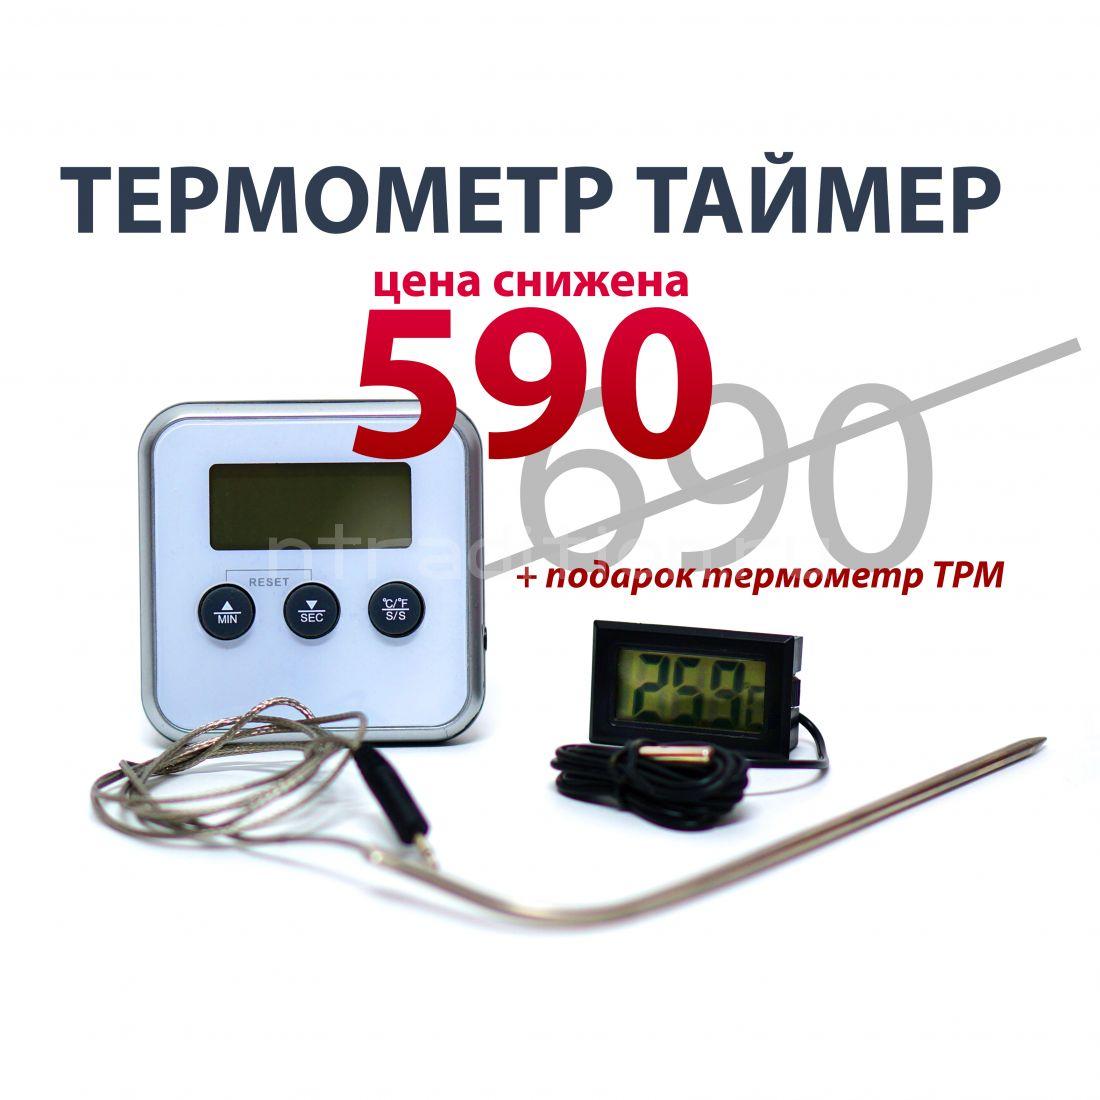 Цена снижена! До 15.03+подарок! Электронный термометр TIMER